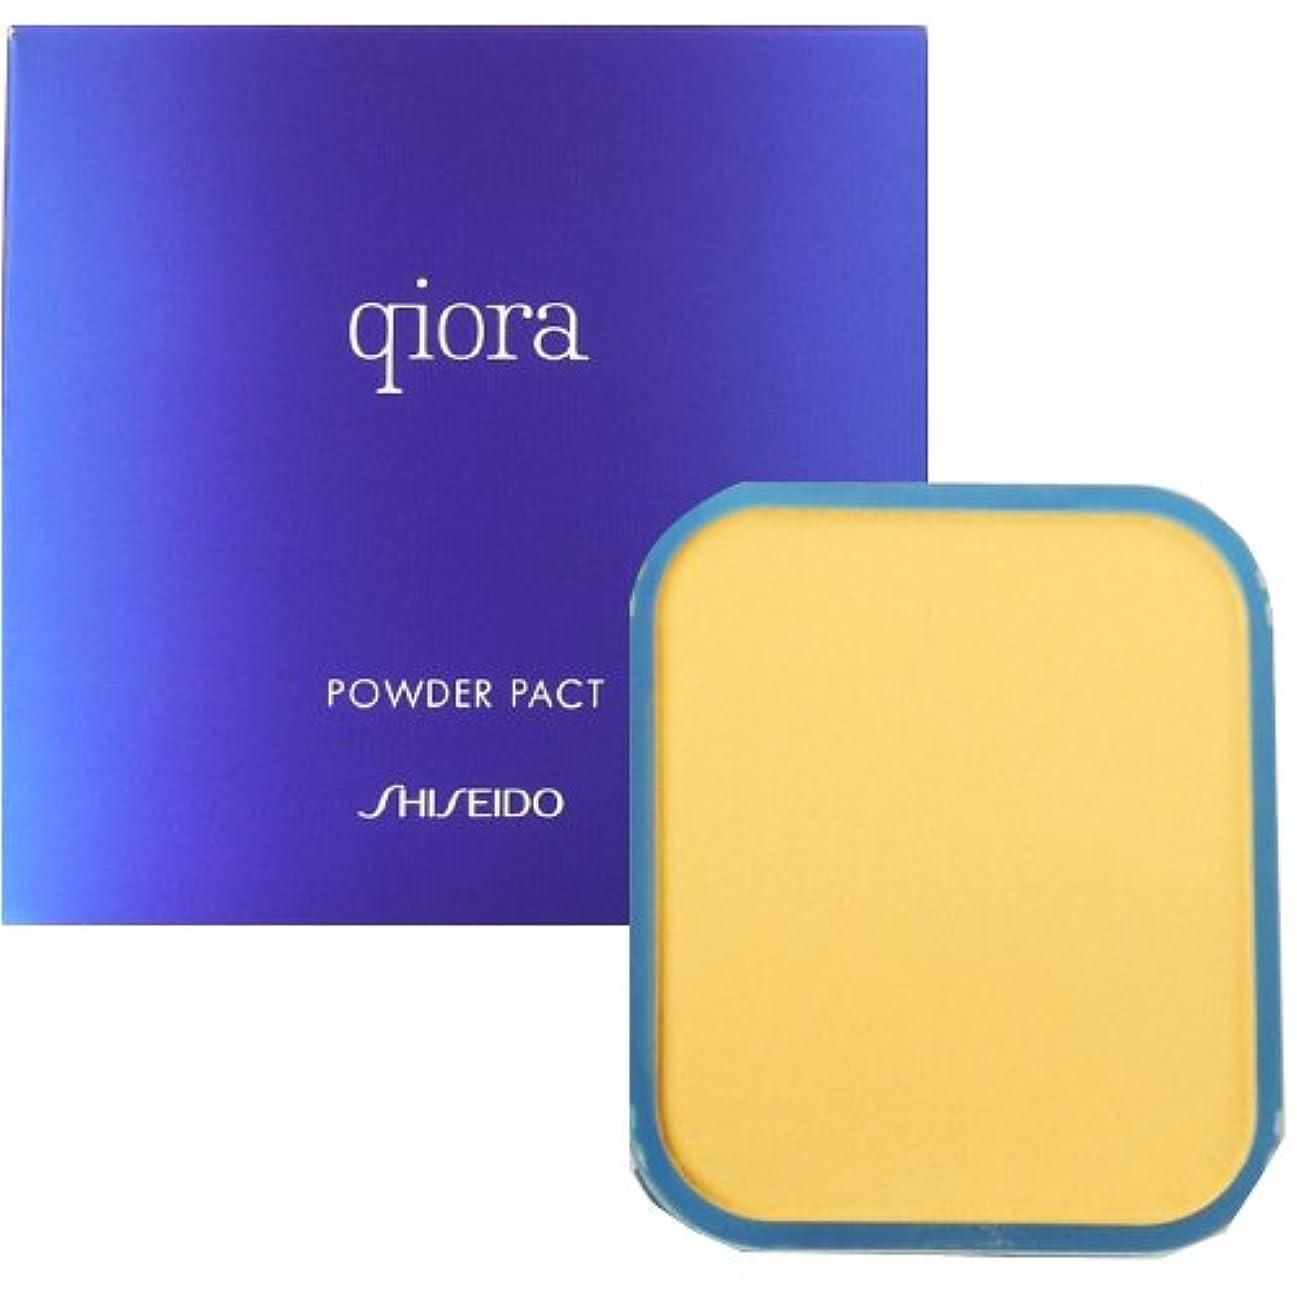 厳メンタル費用資生堂 キオラ qiora パウダーパクト SPF17 PA++ 【詰め替え用】 10g【オークル00】